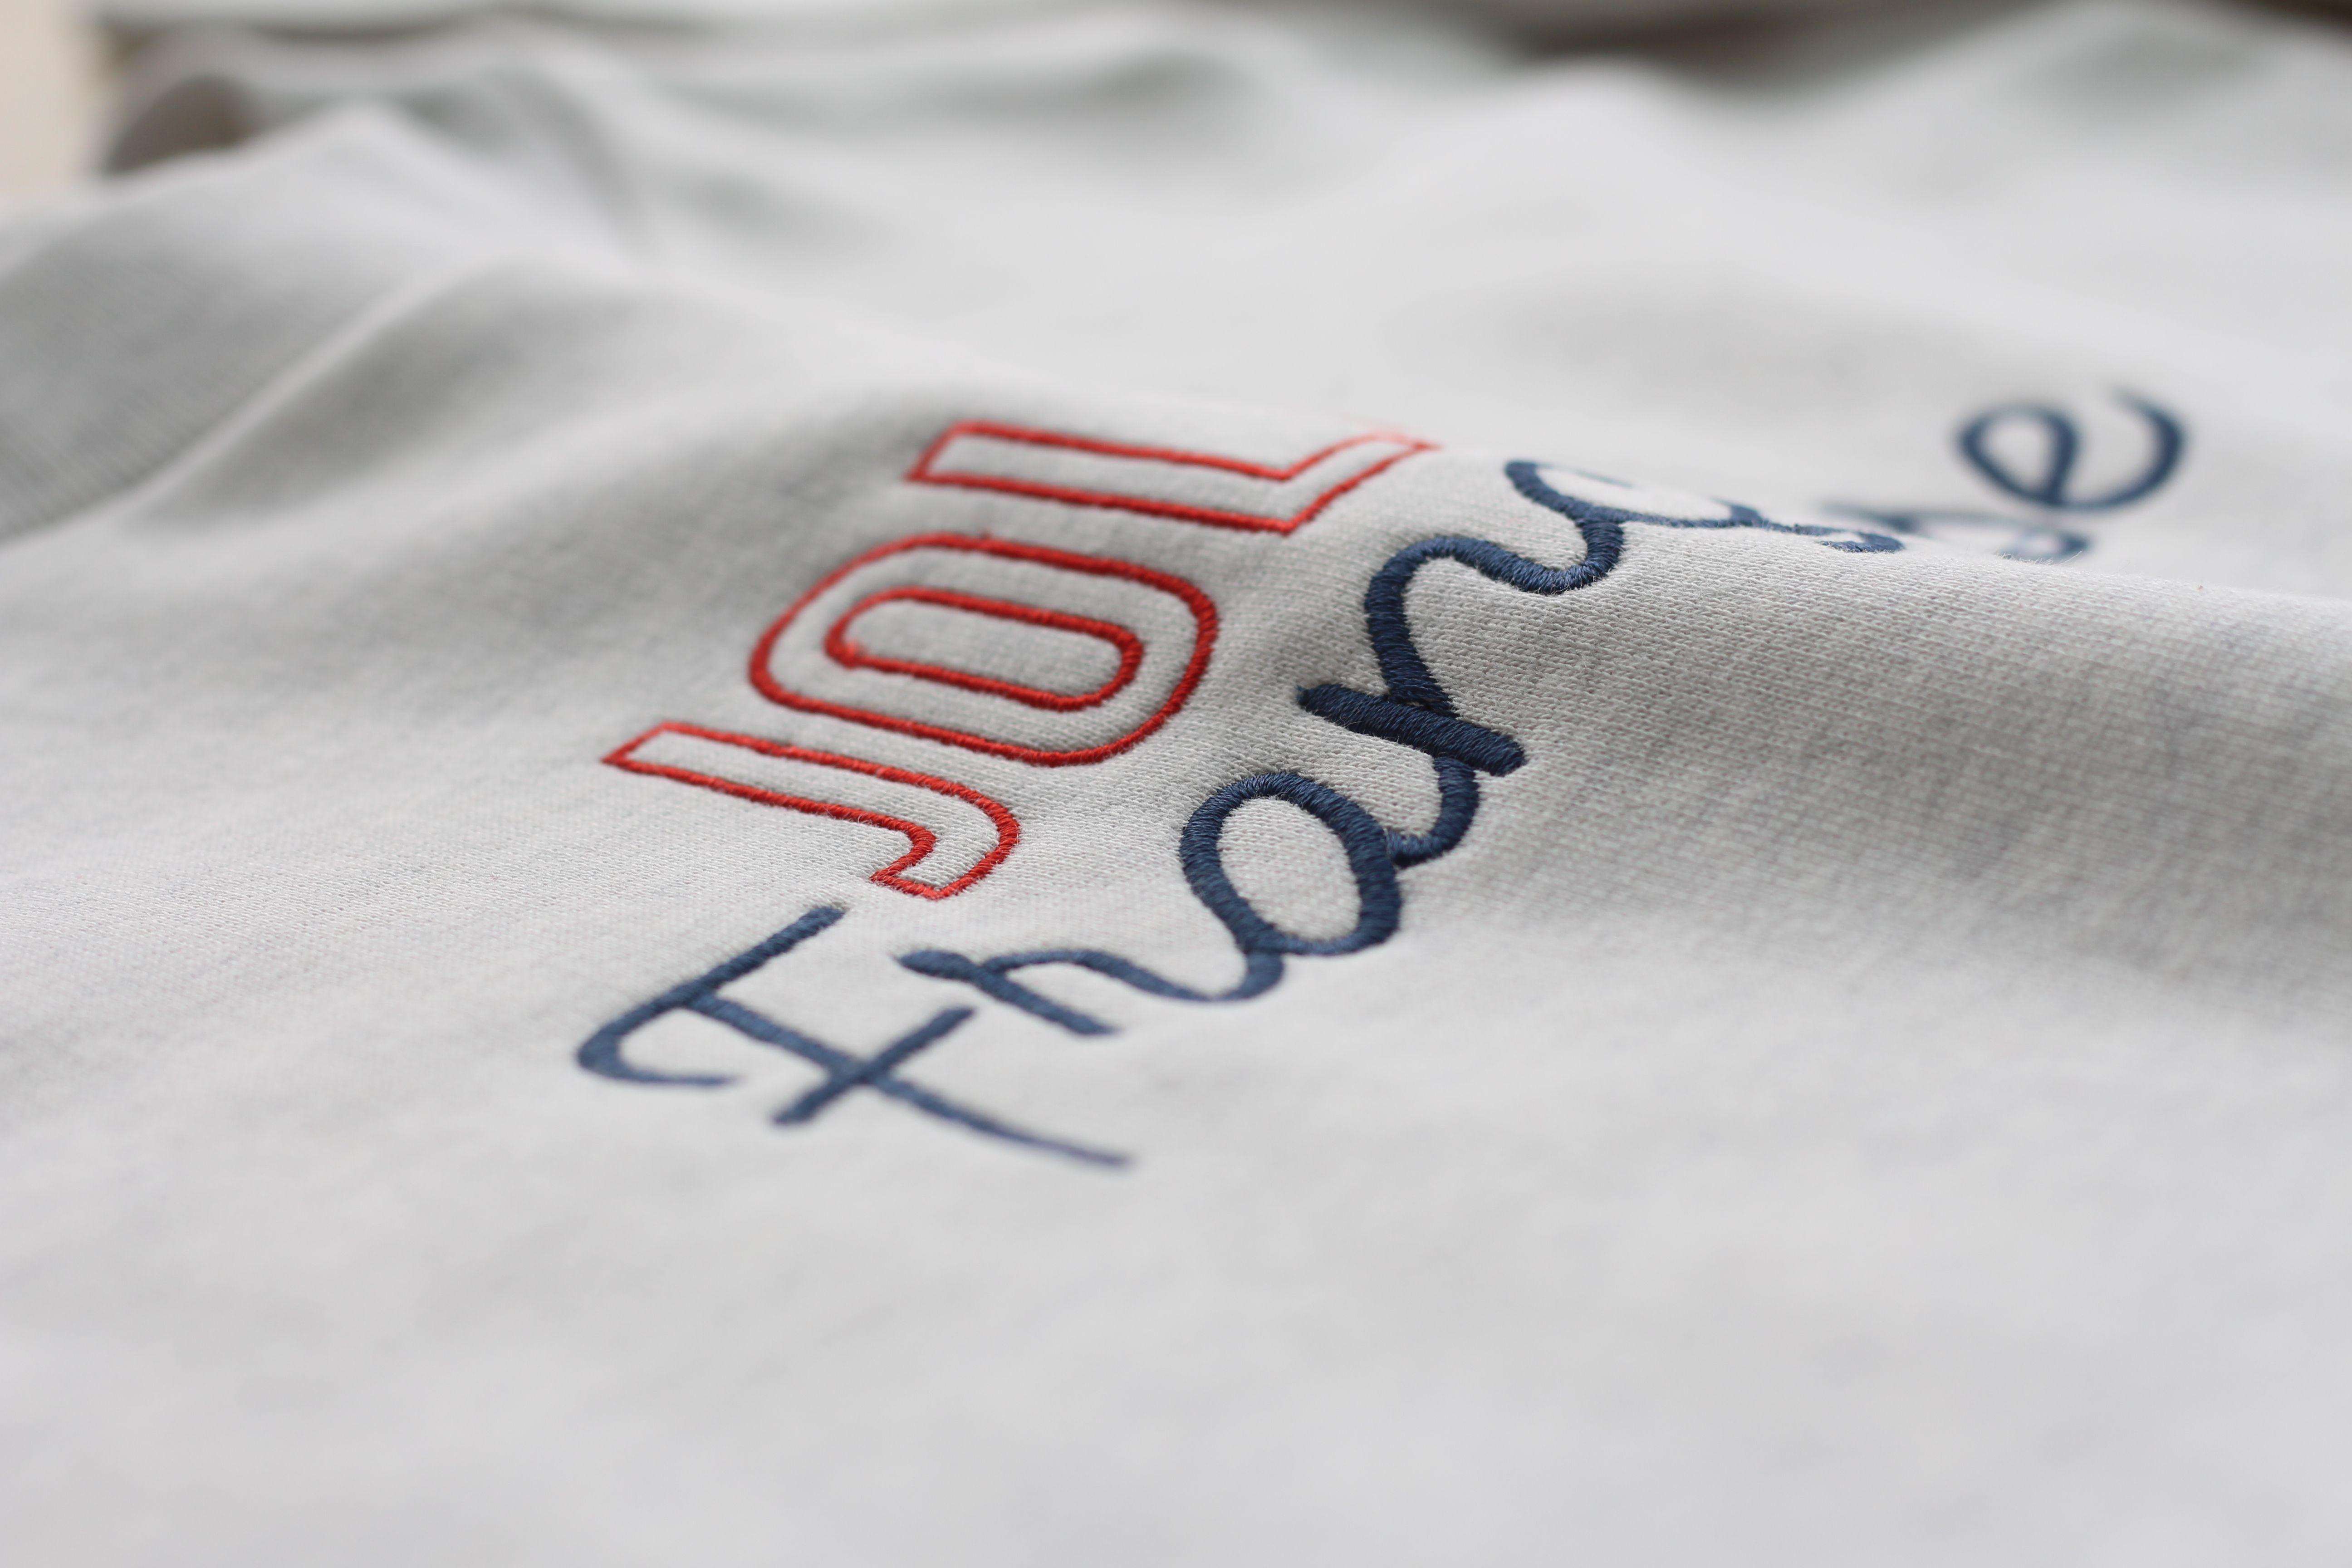 Les vêtements Monsieur TSHIRT sont imprimés et brodés en France.